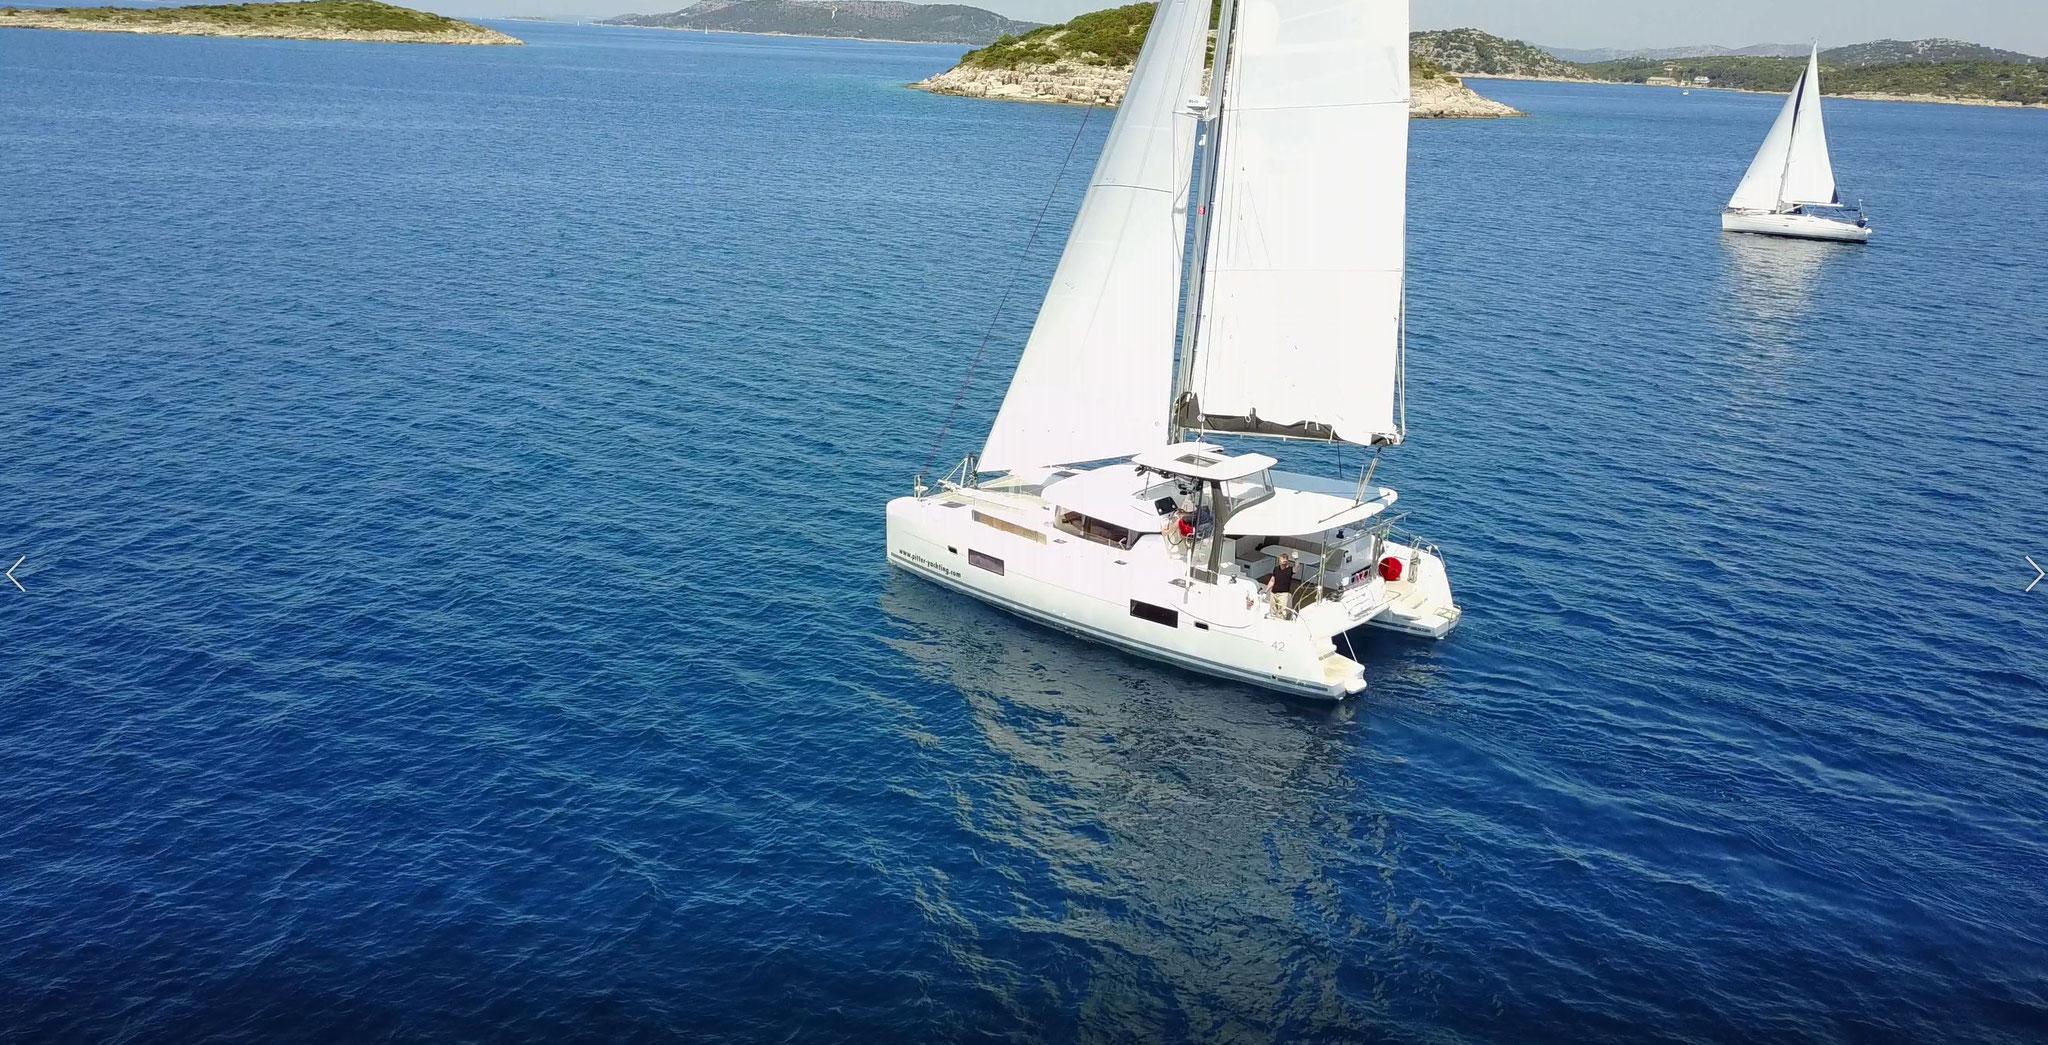 Katamaran segeln als Charter Kanaren - Janny - www.katamaramtraum.com